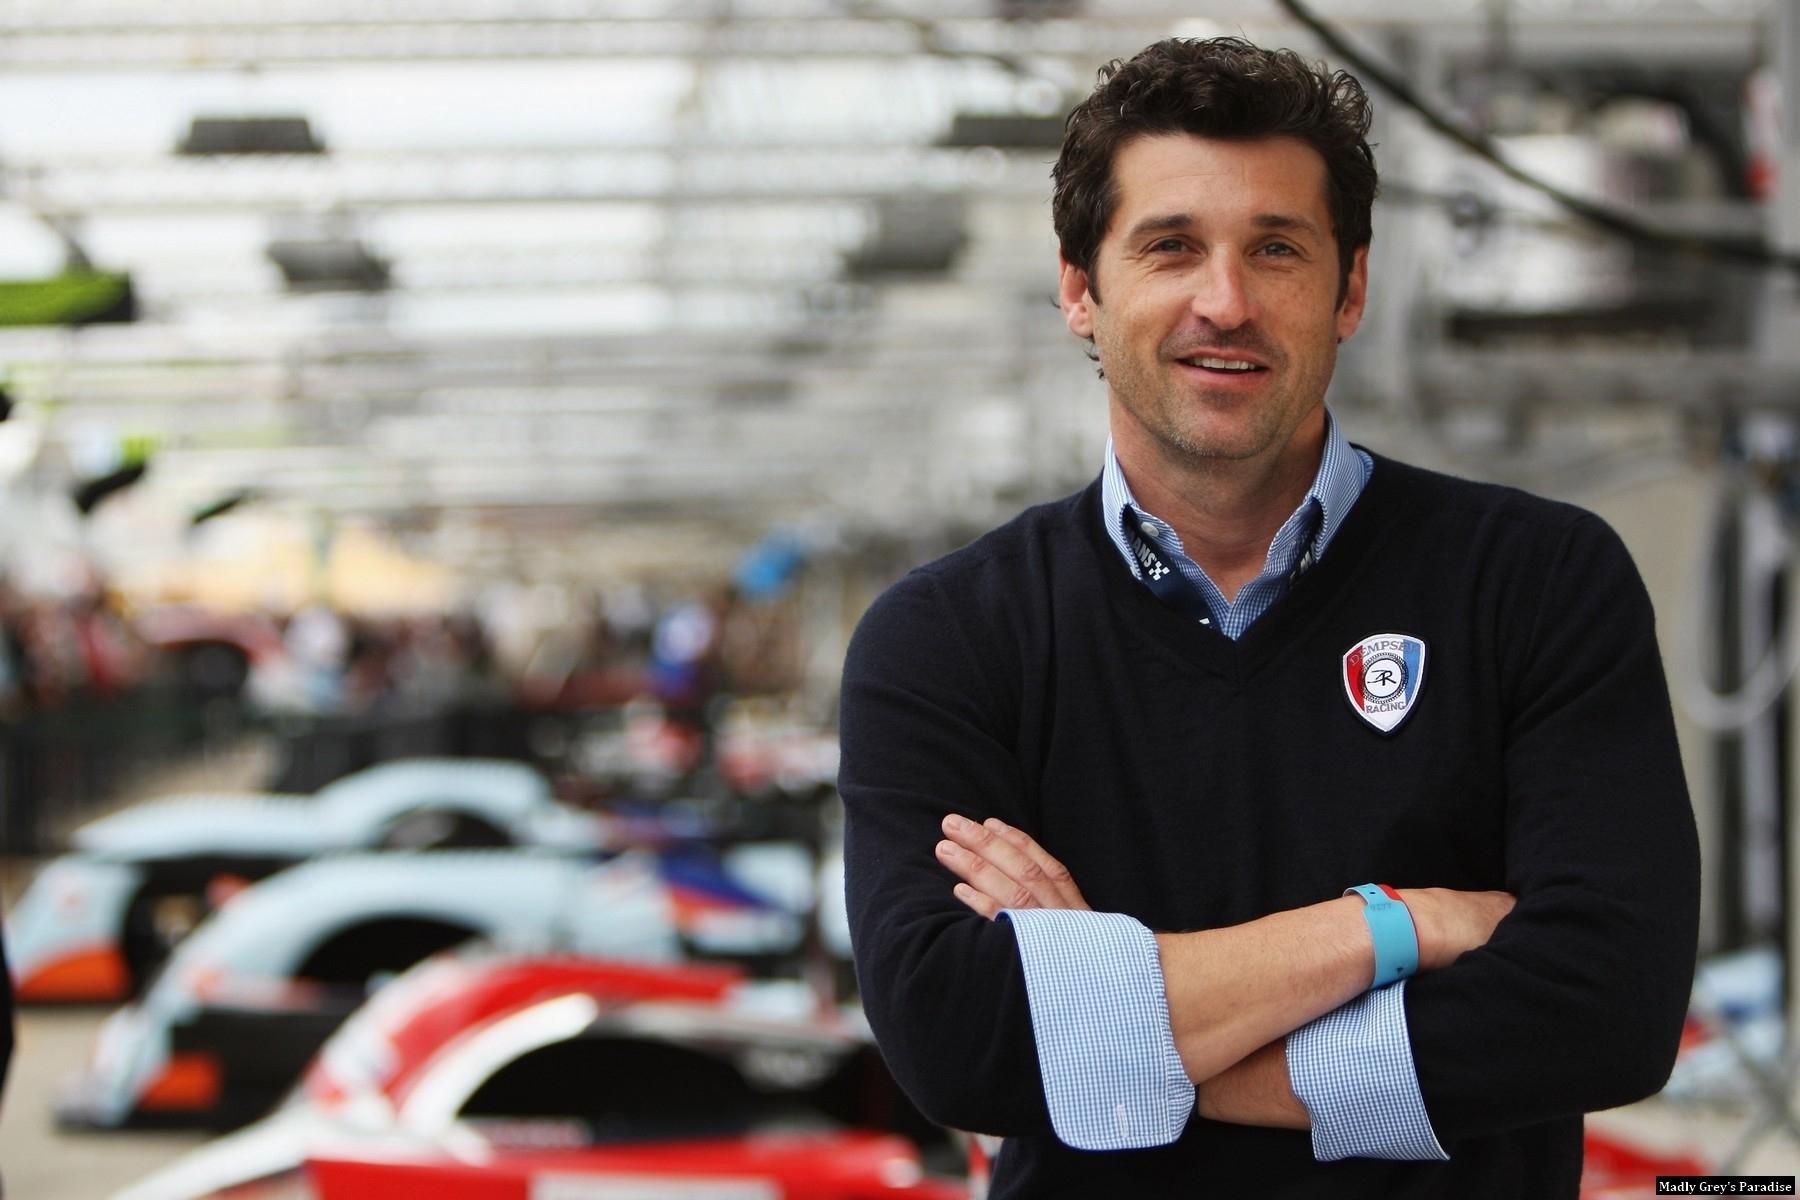 Patrick- Race for Le Mans photoshoot - patrick-dempsey photo